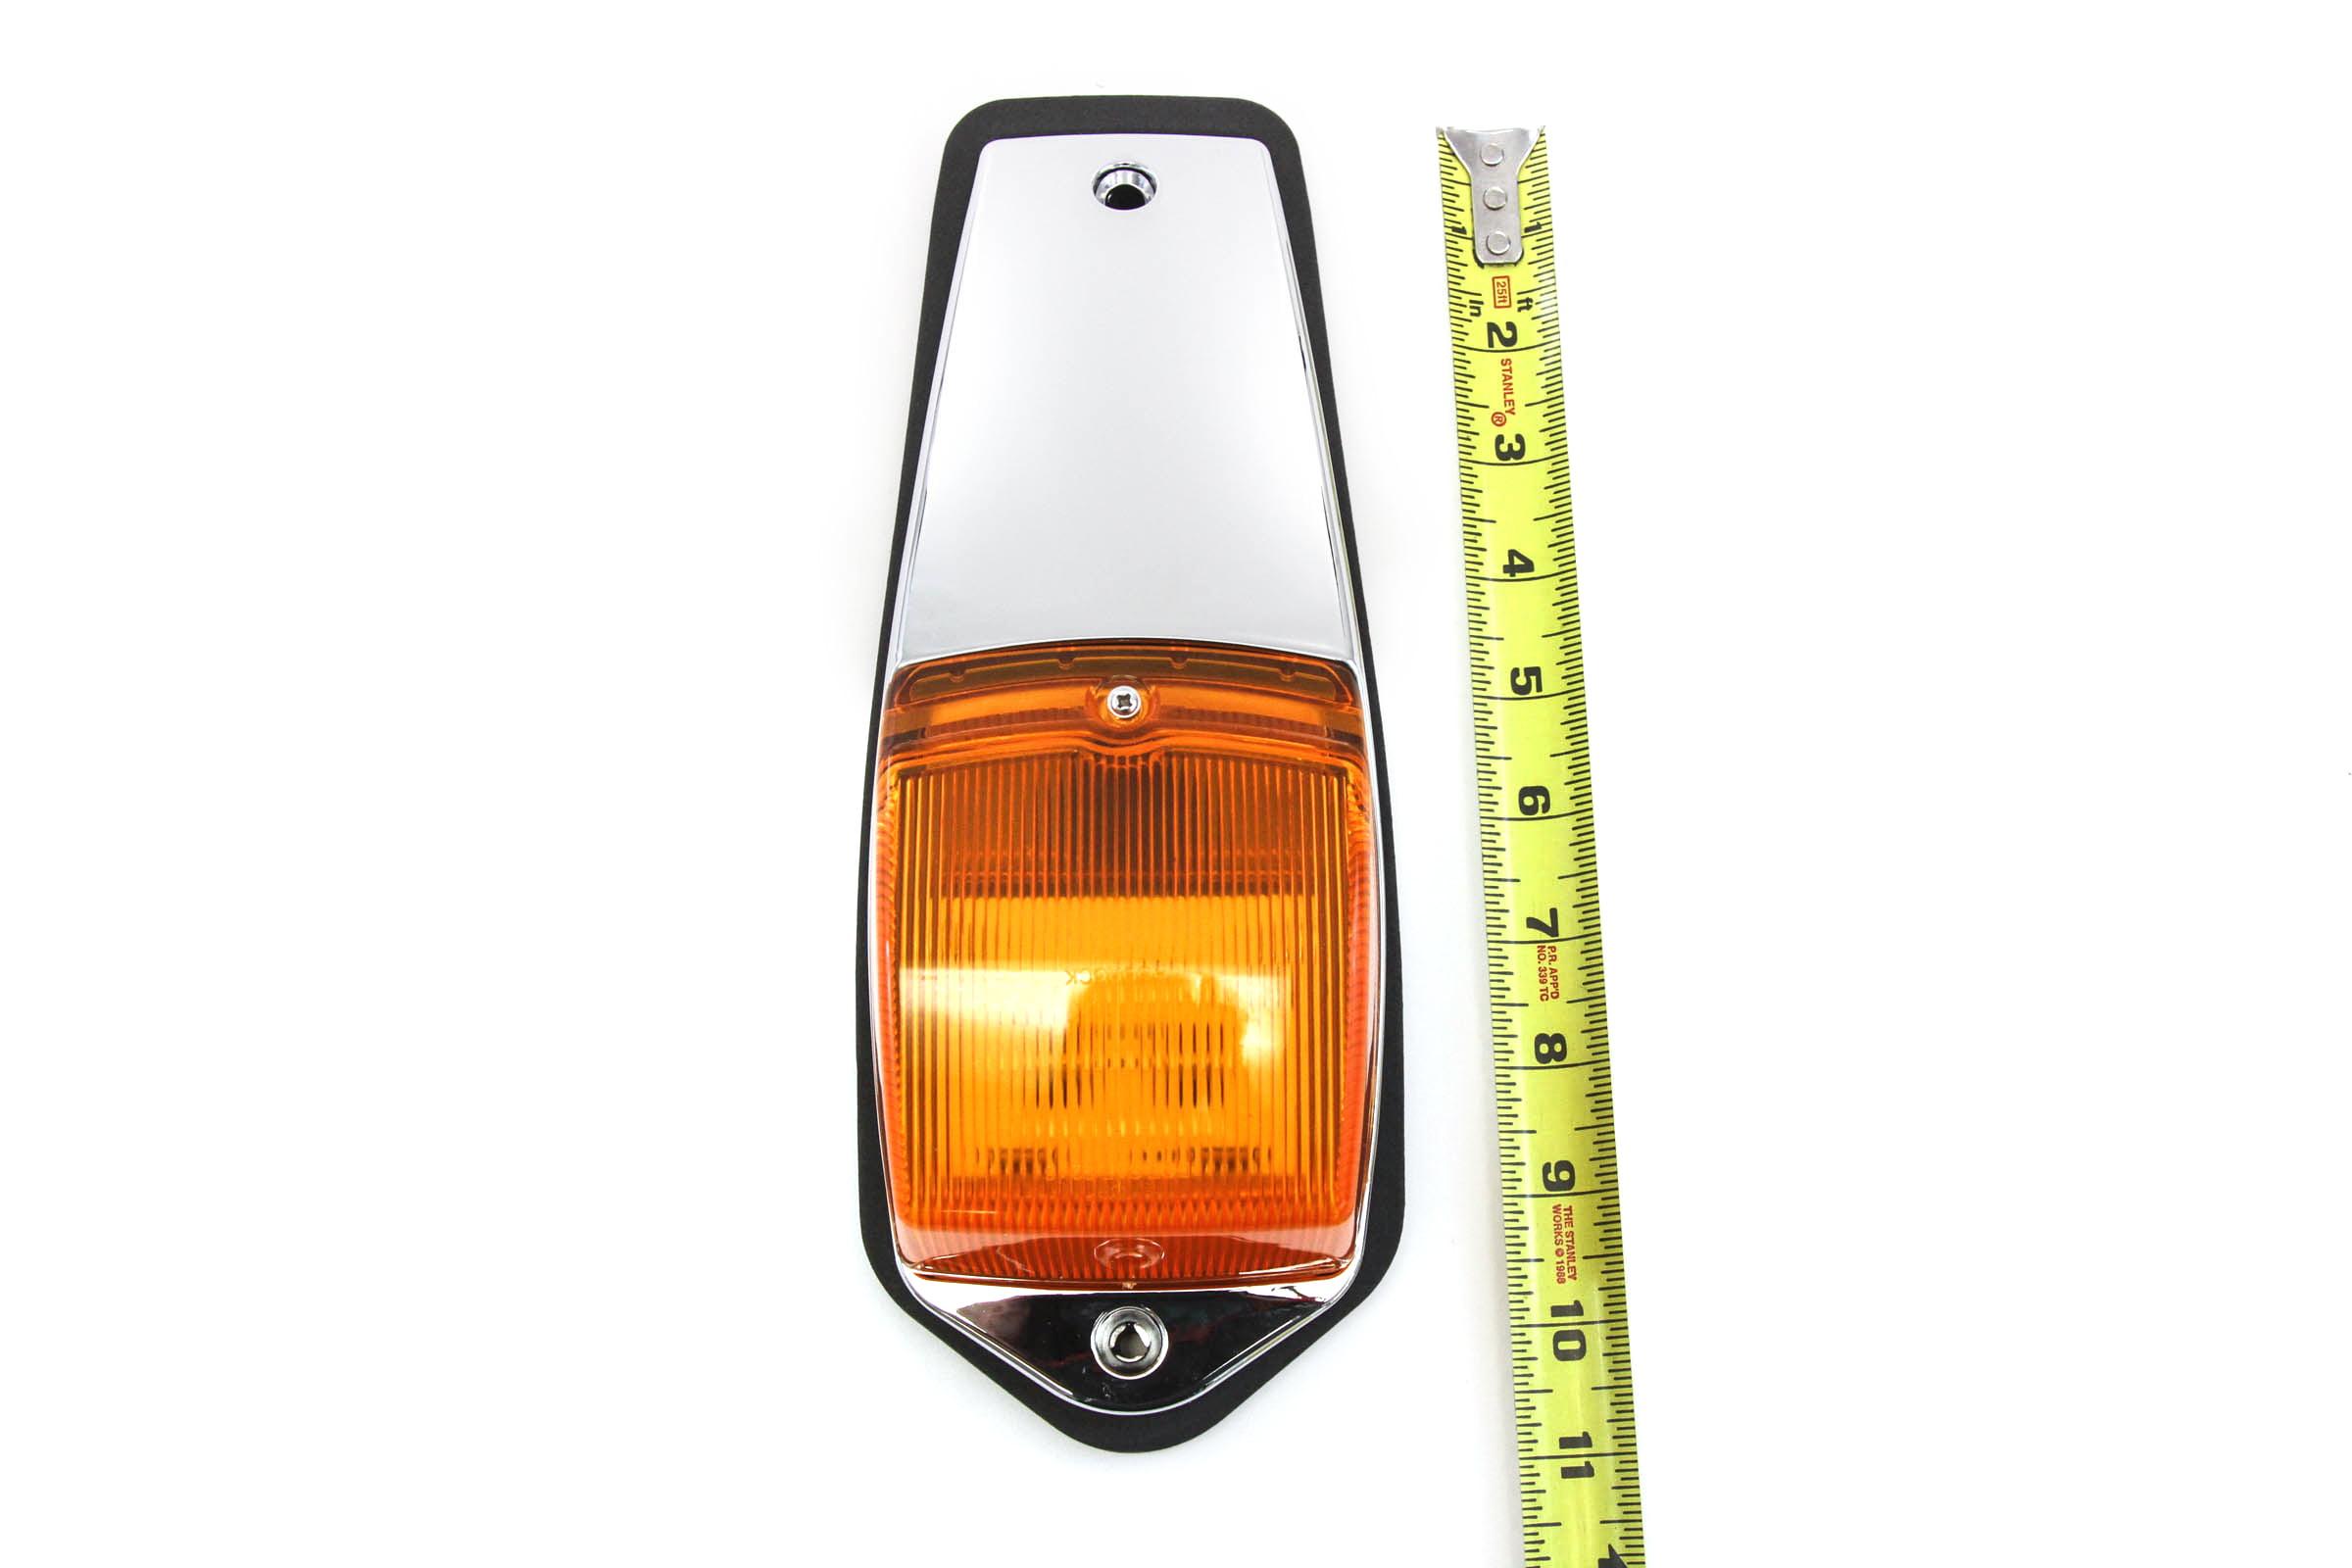 10 pcs Amber Chrome 31 LED Cab Marker Lights for Peterbilt Kenworth Freightliner